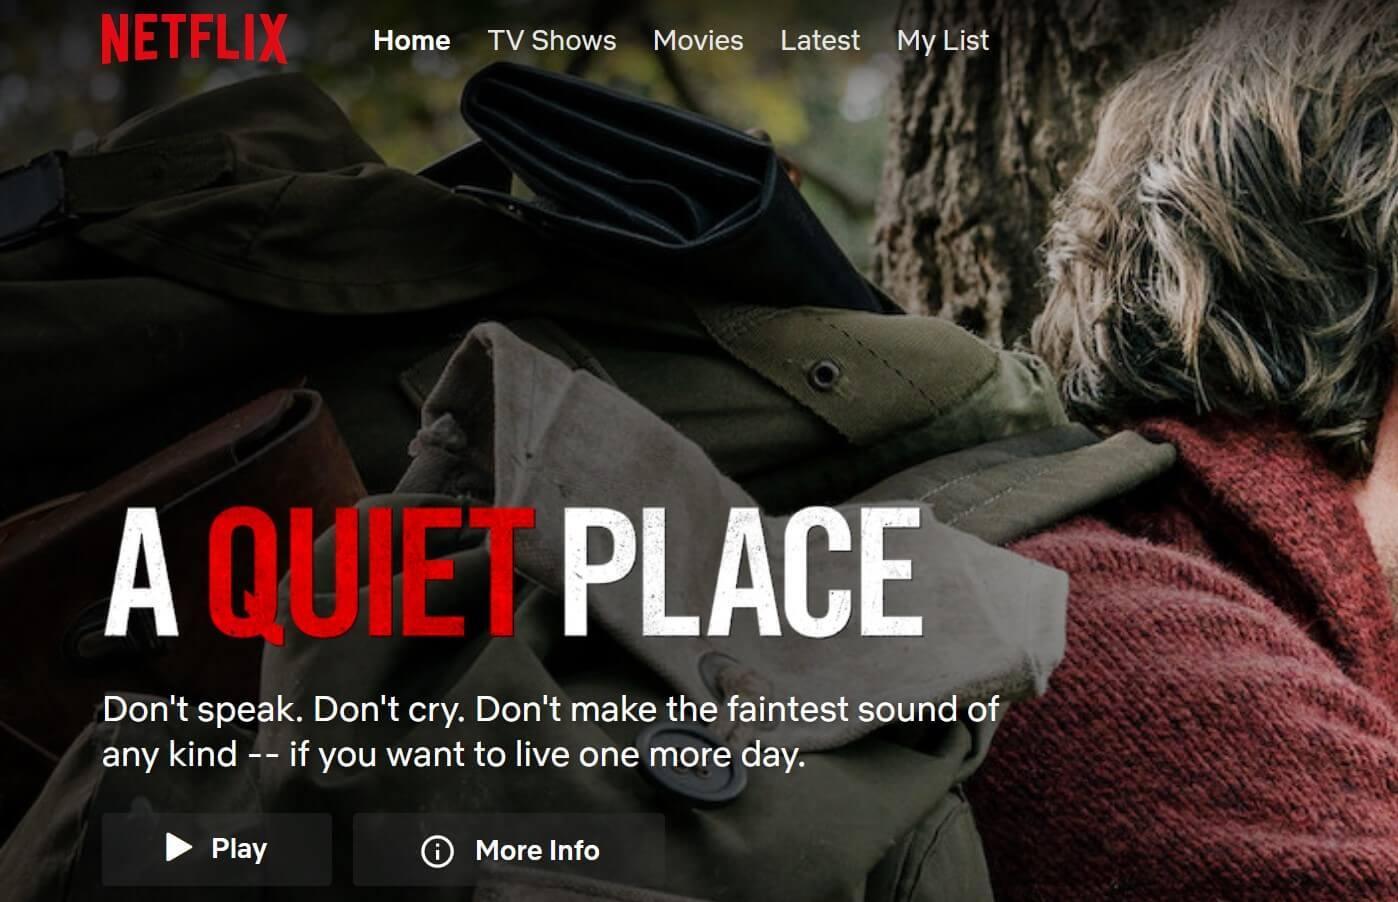 Netflix-website-12312